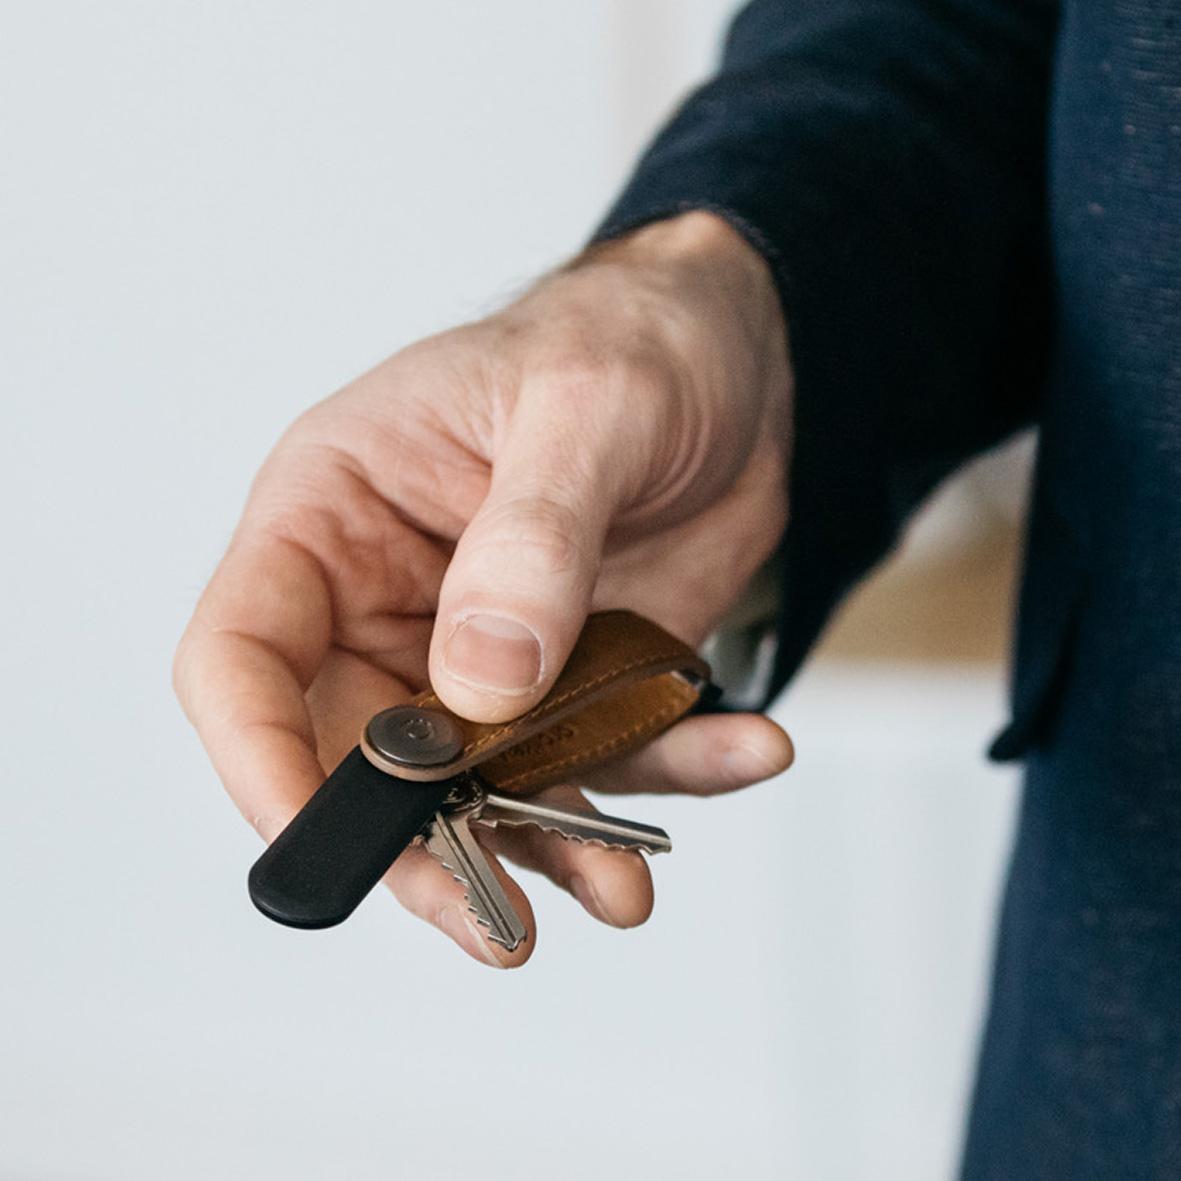 音で、ありかを教えてくれる。鍵もスマホも、すぐ見つかる!「探す」がなくなるキーホルダー|Orbitkey×Chipoloトラッカー